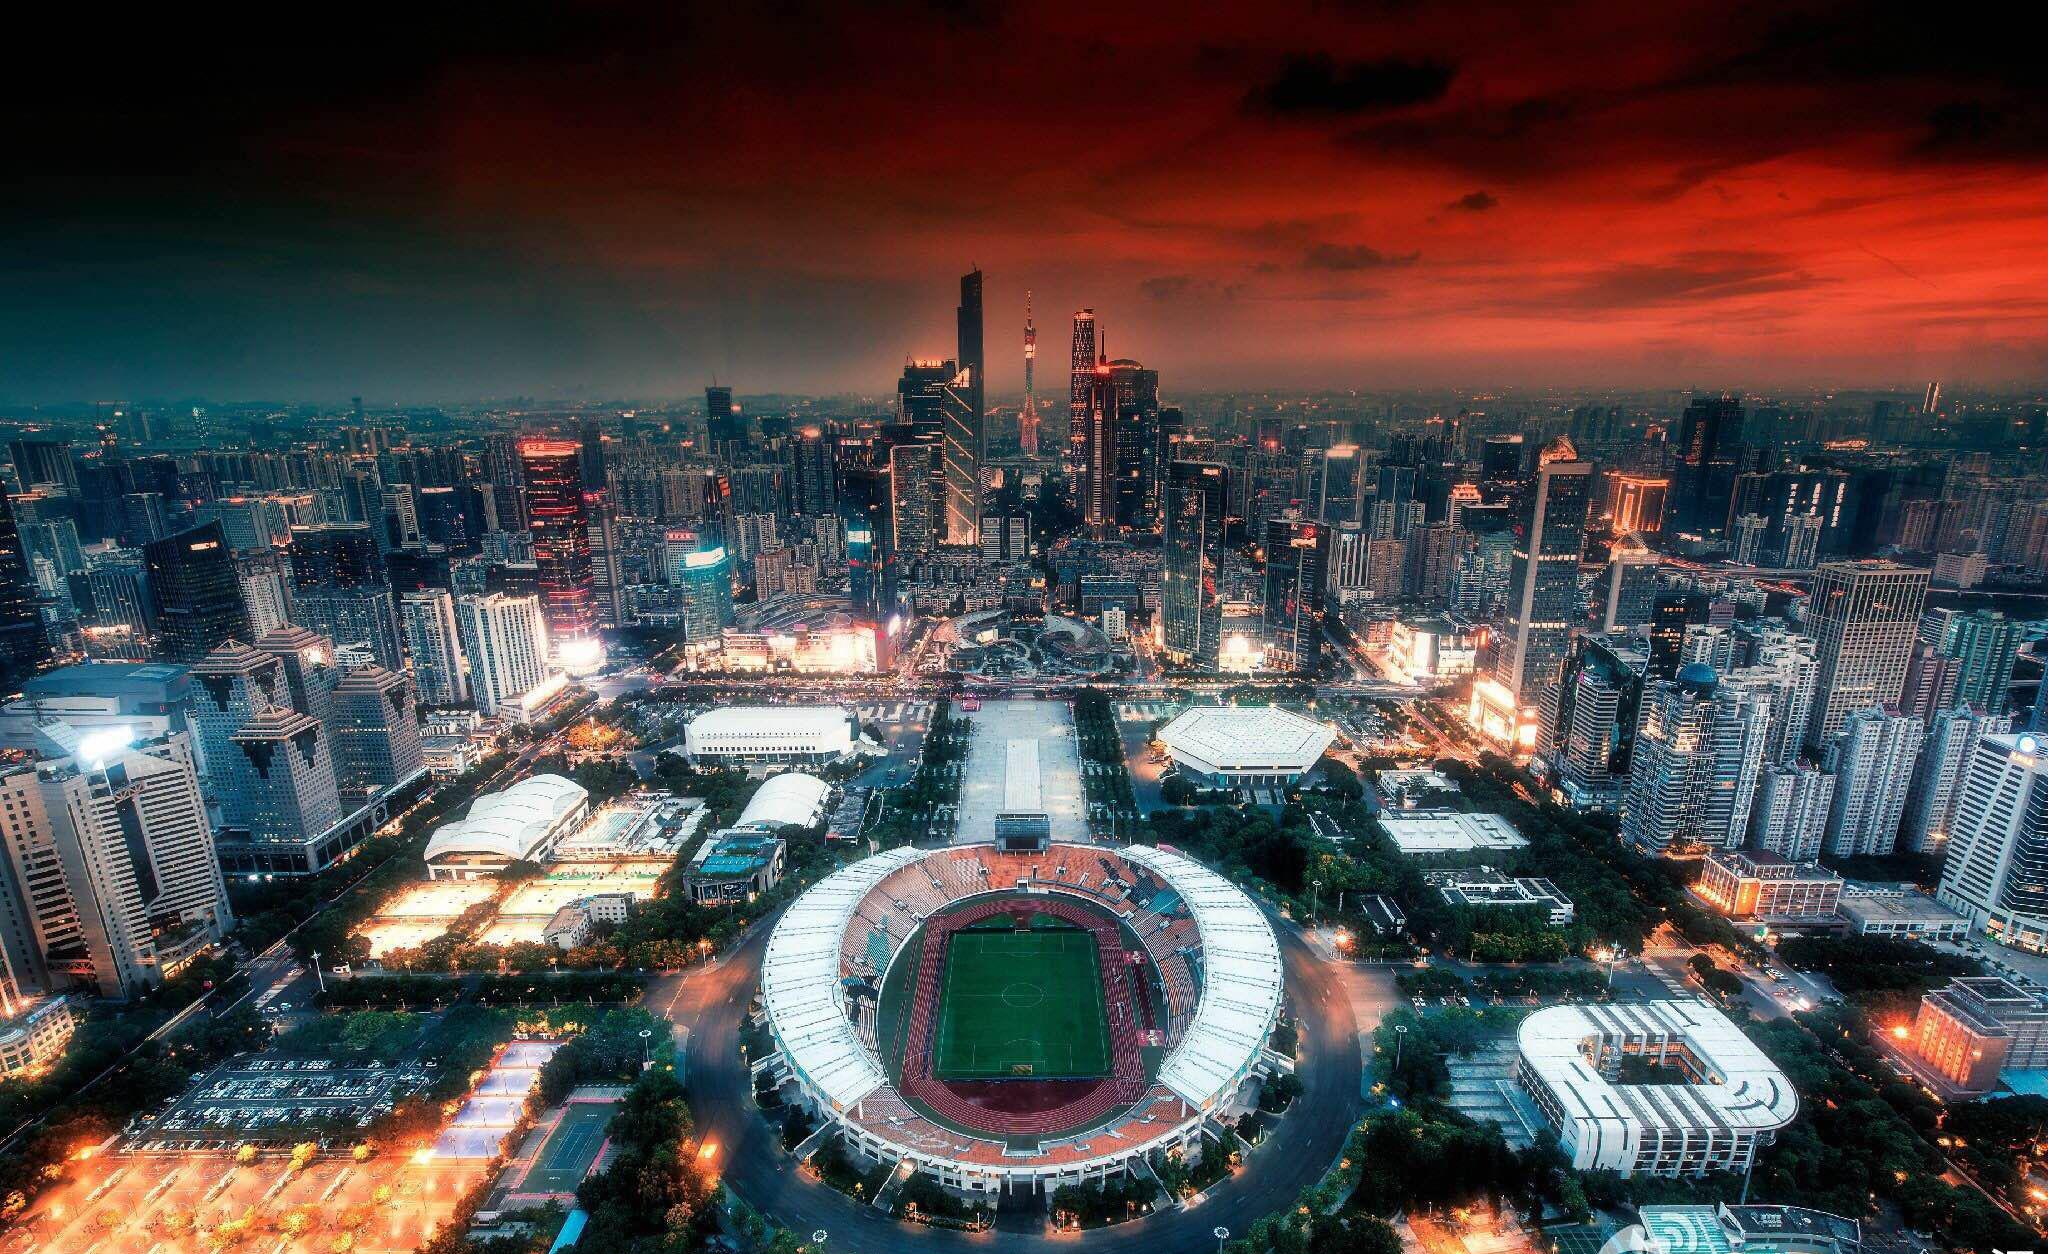 01. Guangzhou